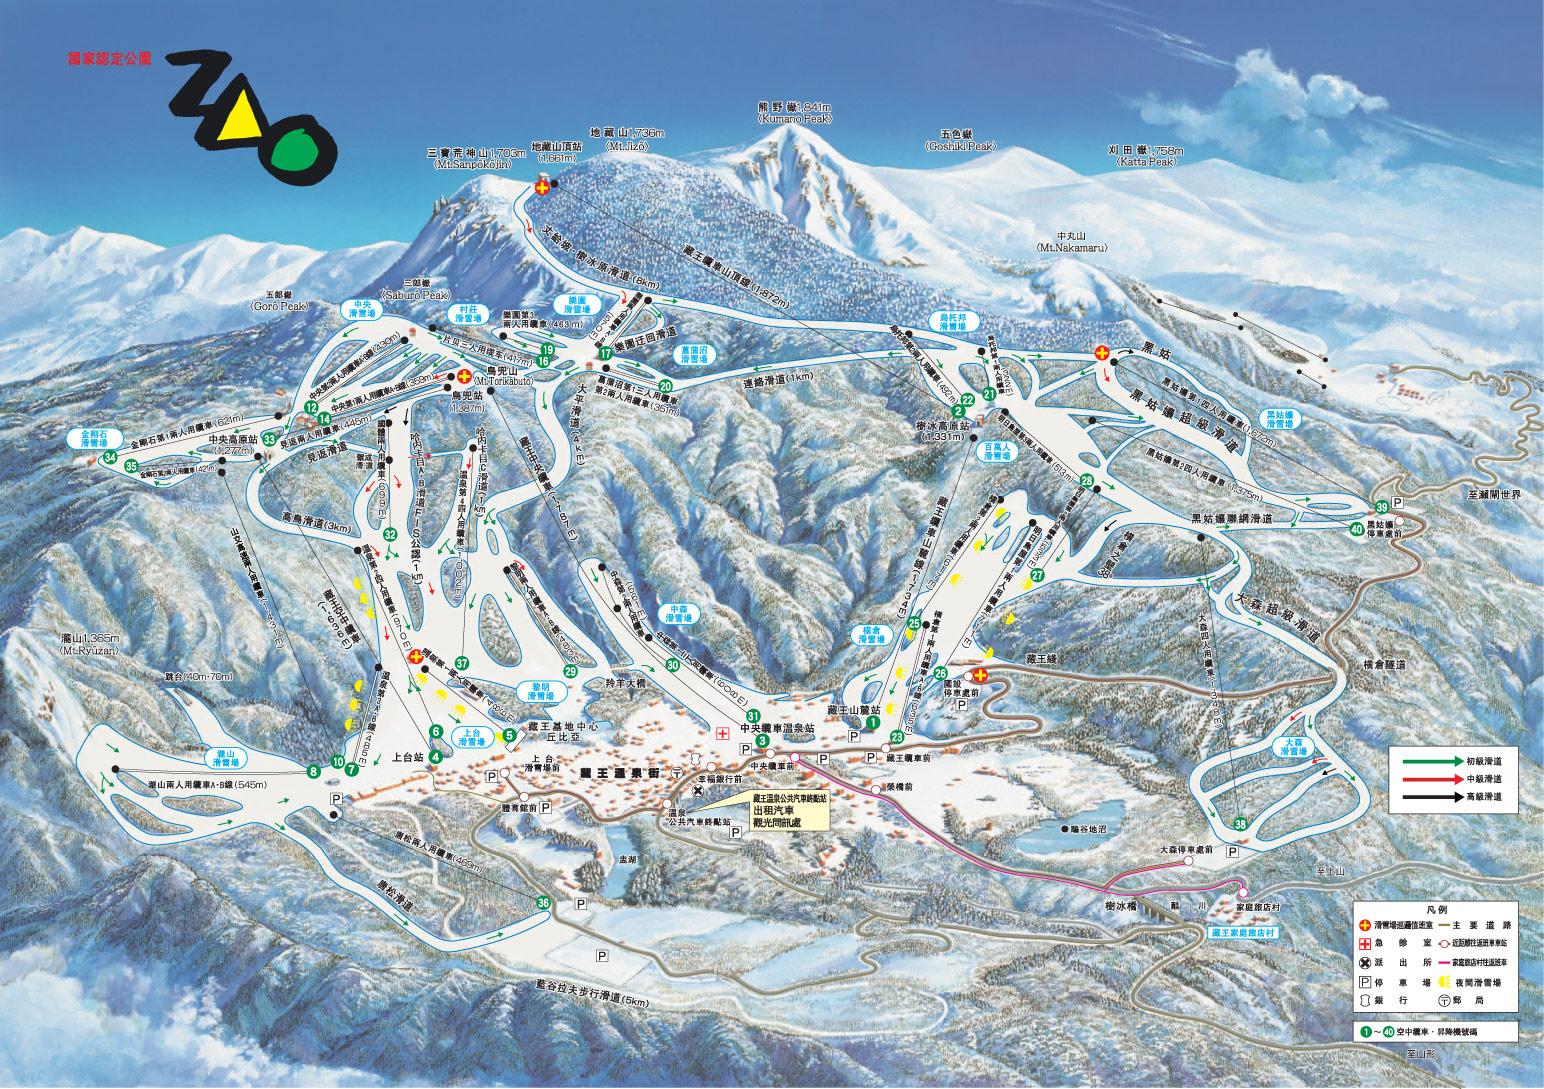 樹冰觀光和傳統溫泉鄉 - 日本東北藏王溫泉滑雪場全攻略 2018-2019 Zao Onsen Ski Resort - 雪豹的白色里數 White Mileage